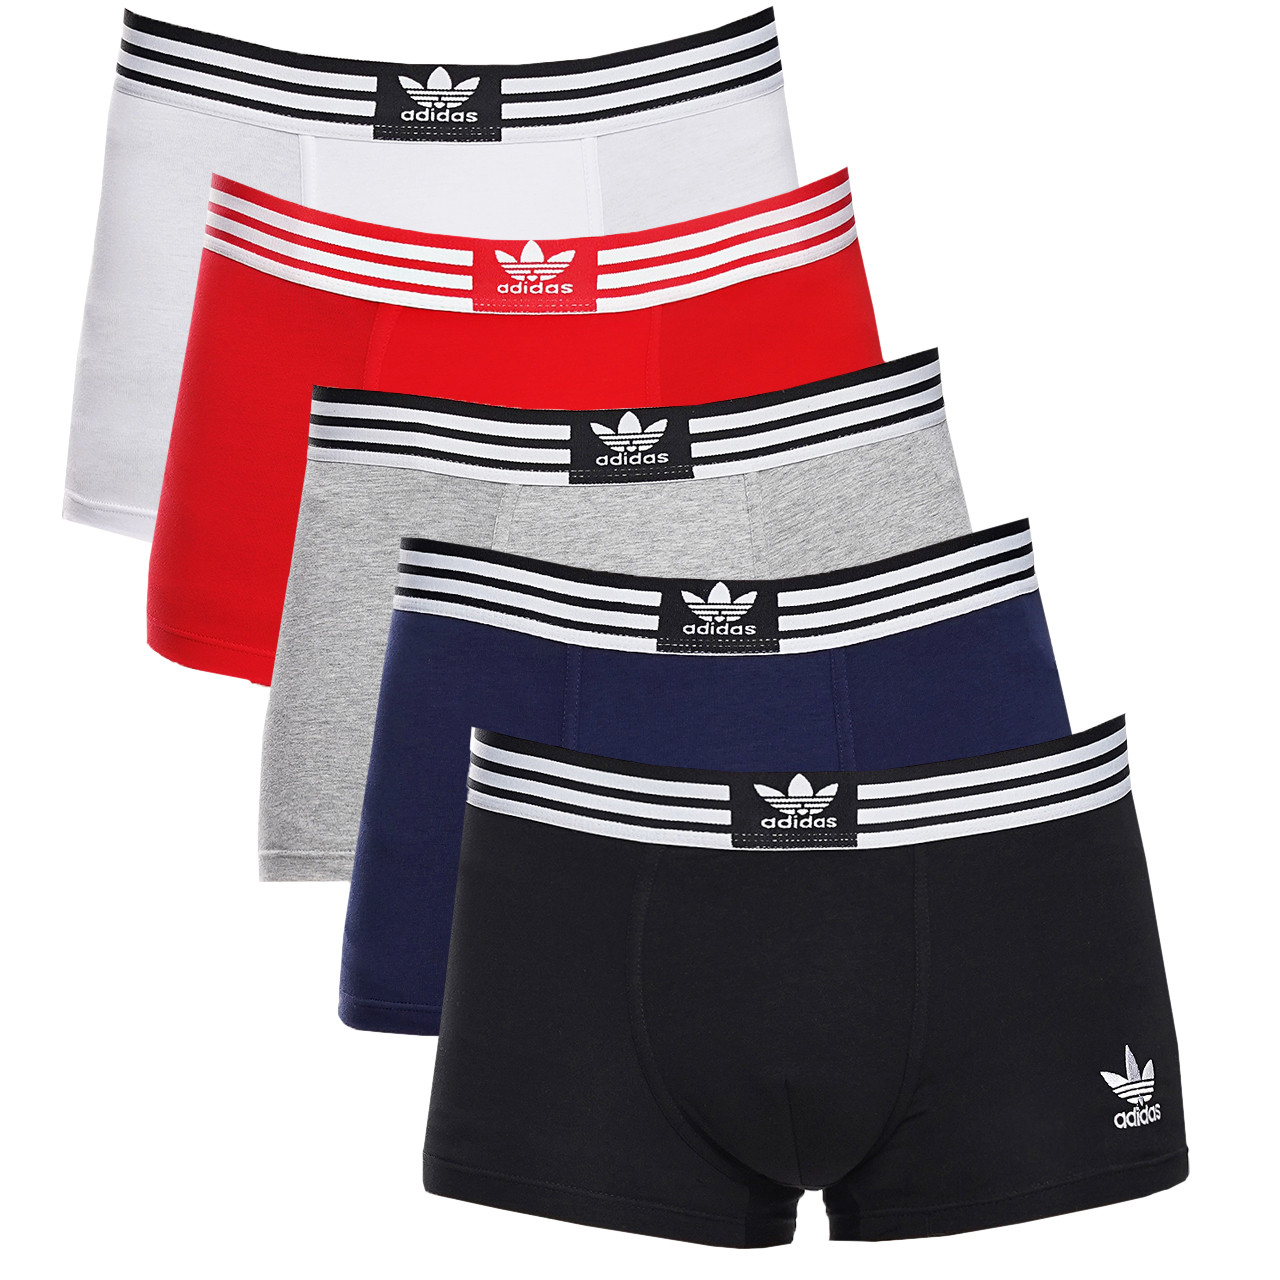 Набір чоловічих трусів боксерів Adidas (5шт) в подарунковій коробці бавовна Розмір L